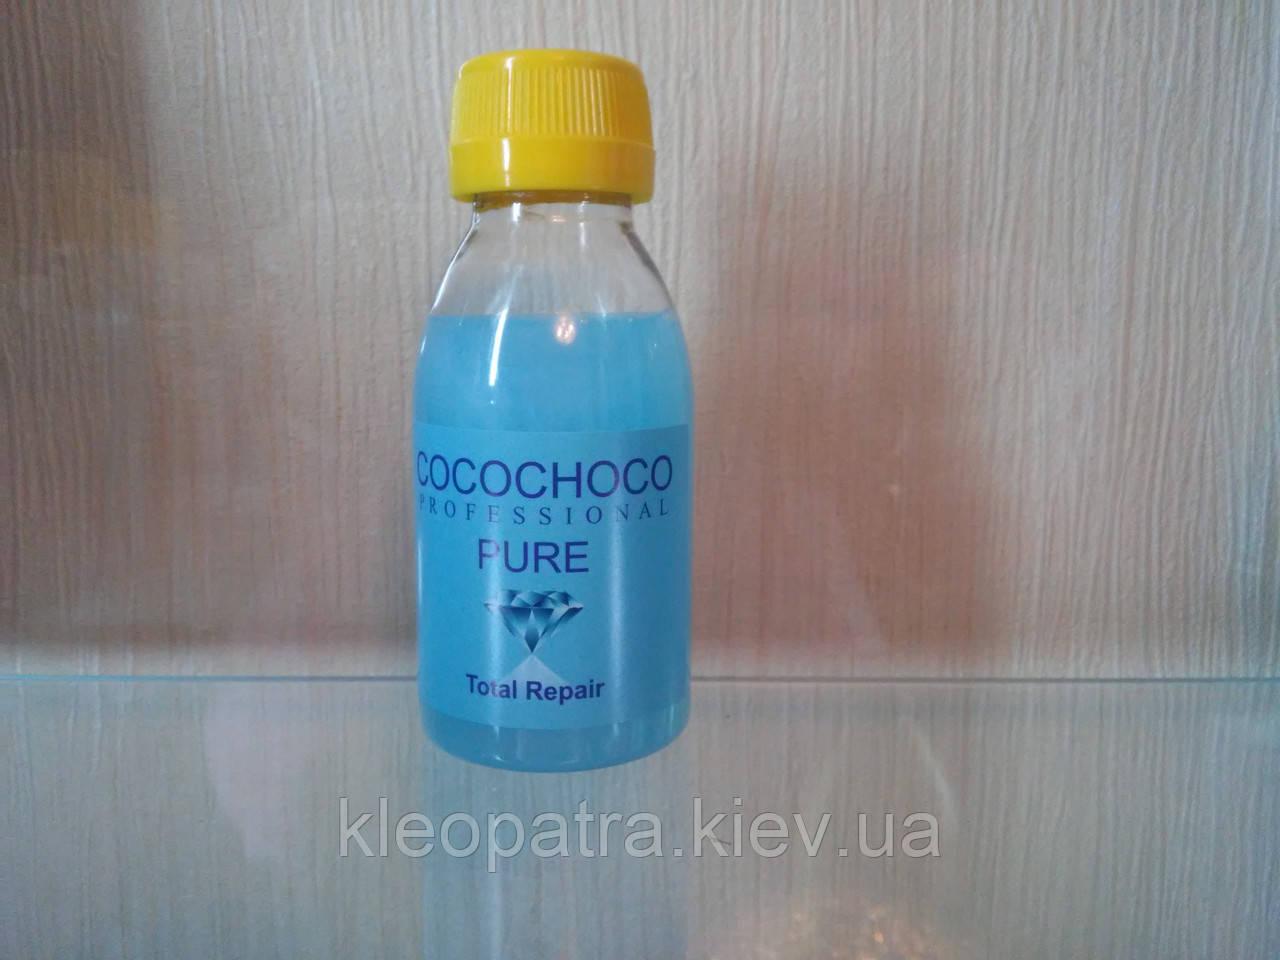 Cocochoco кератин для  выпрямления волос PURE, 100 мл